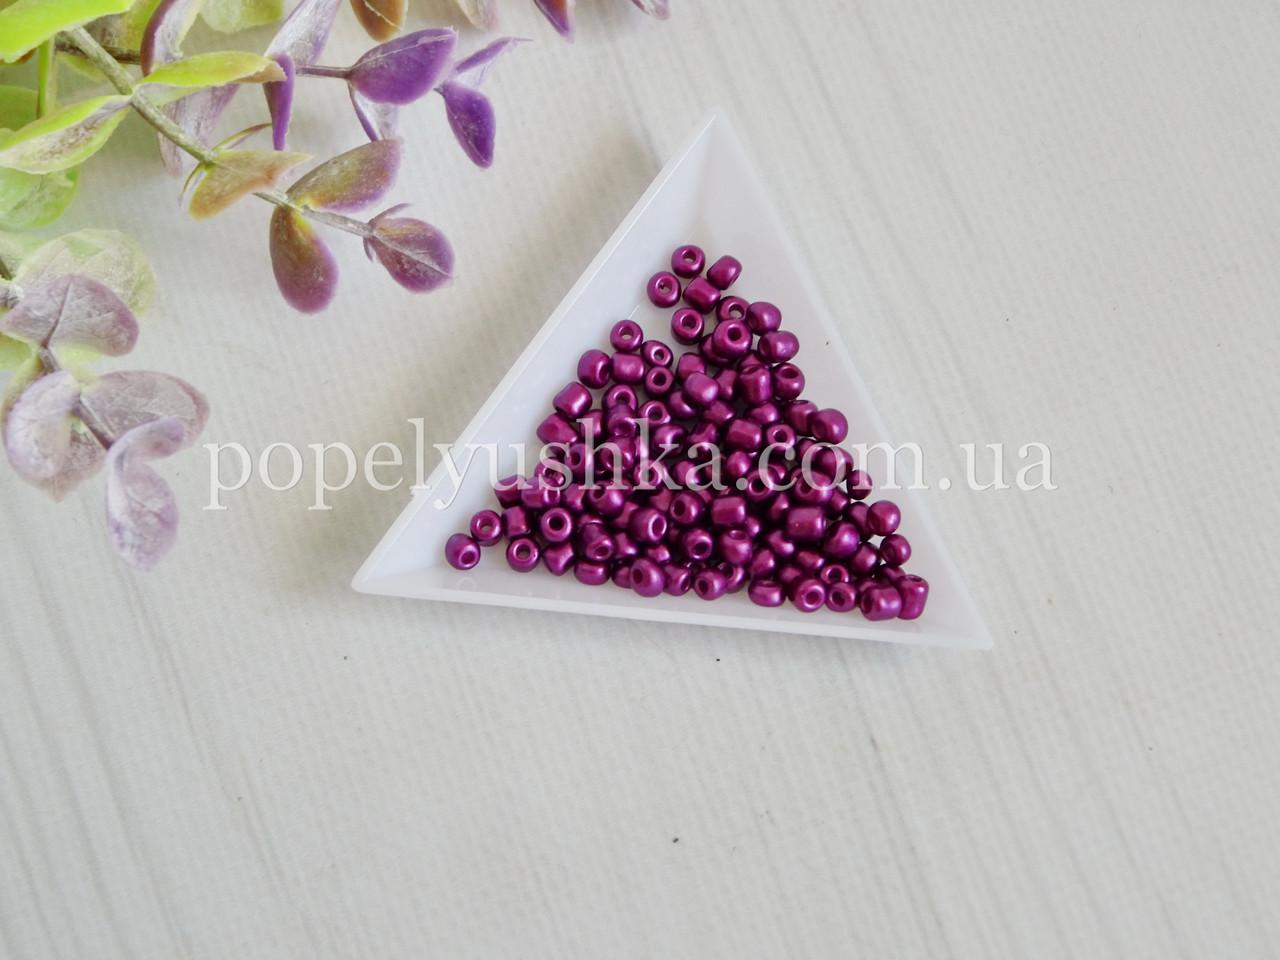 Бісер китайський крупний 3.6 мм Фіолетовий блискучий (10 г)